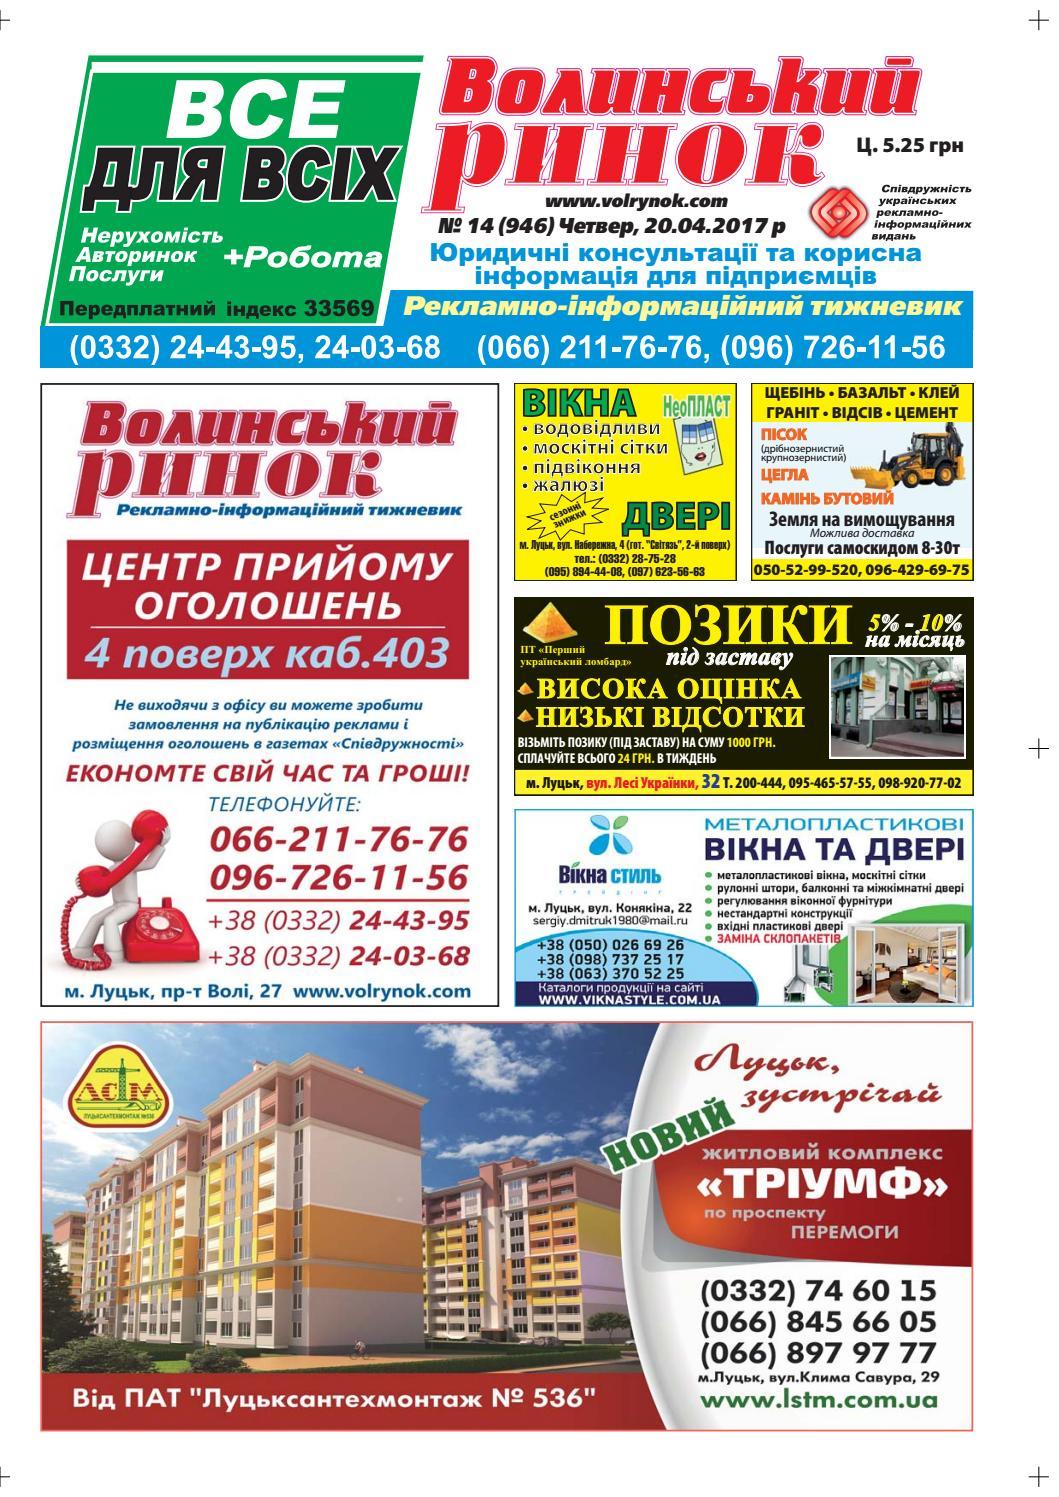 Газета №14 20. 04. 2017 by volrynok - issuu b1a322f42dbdf